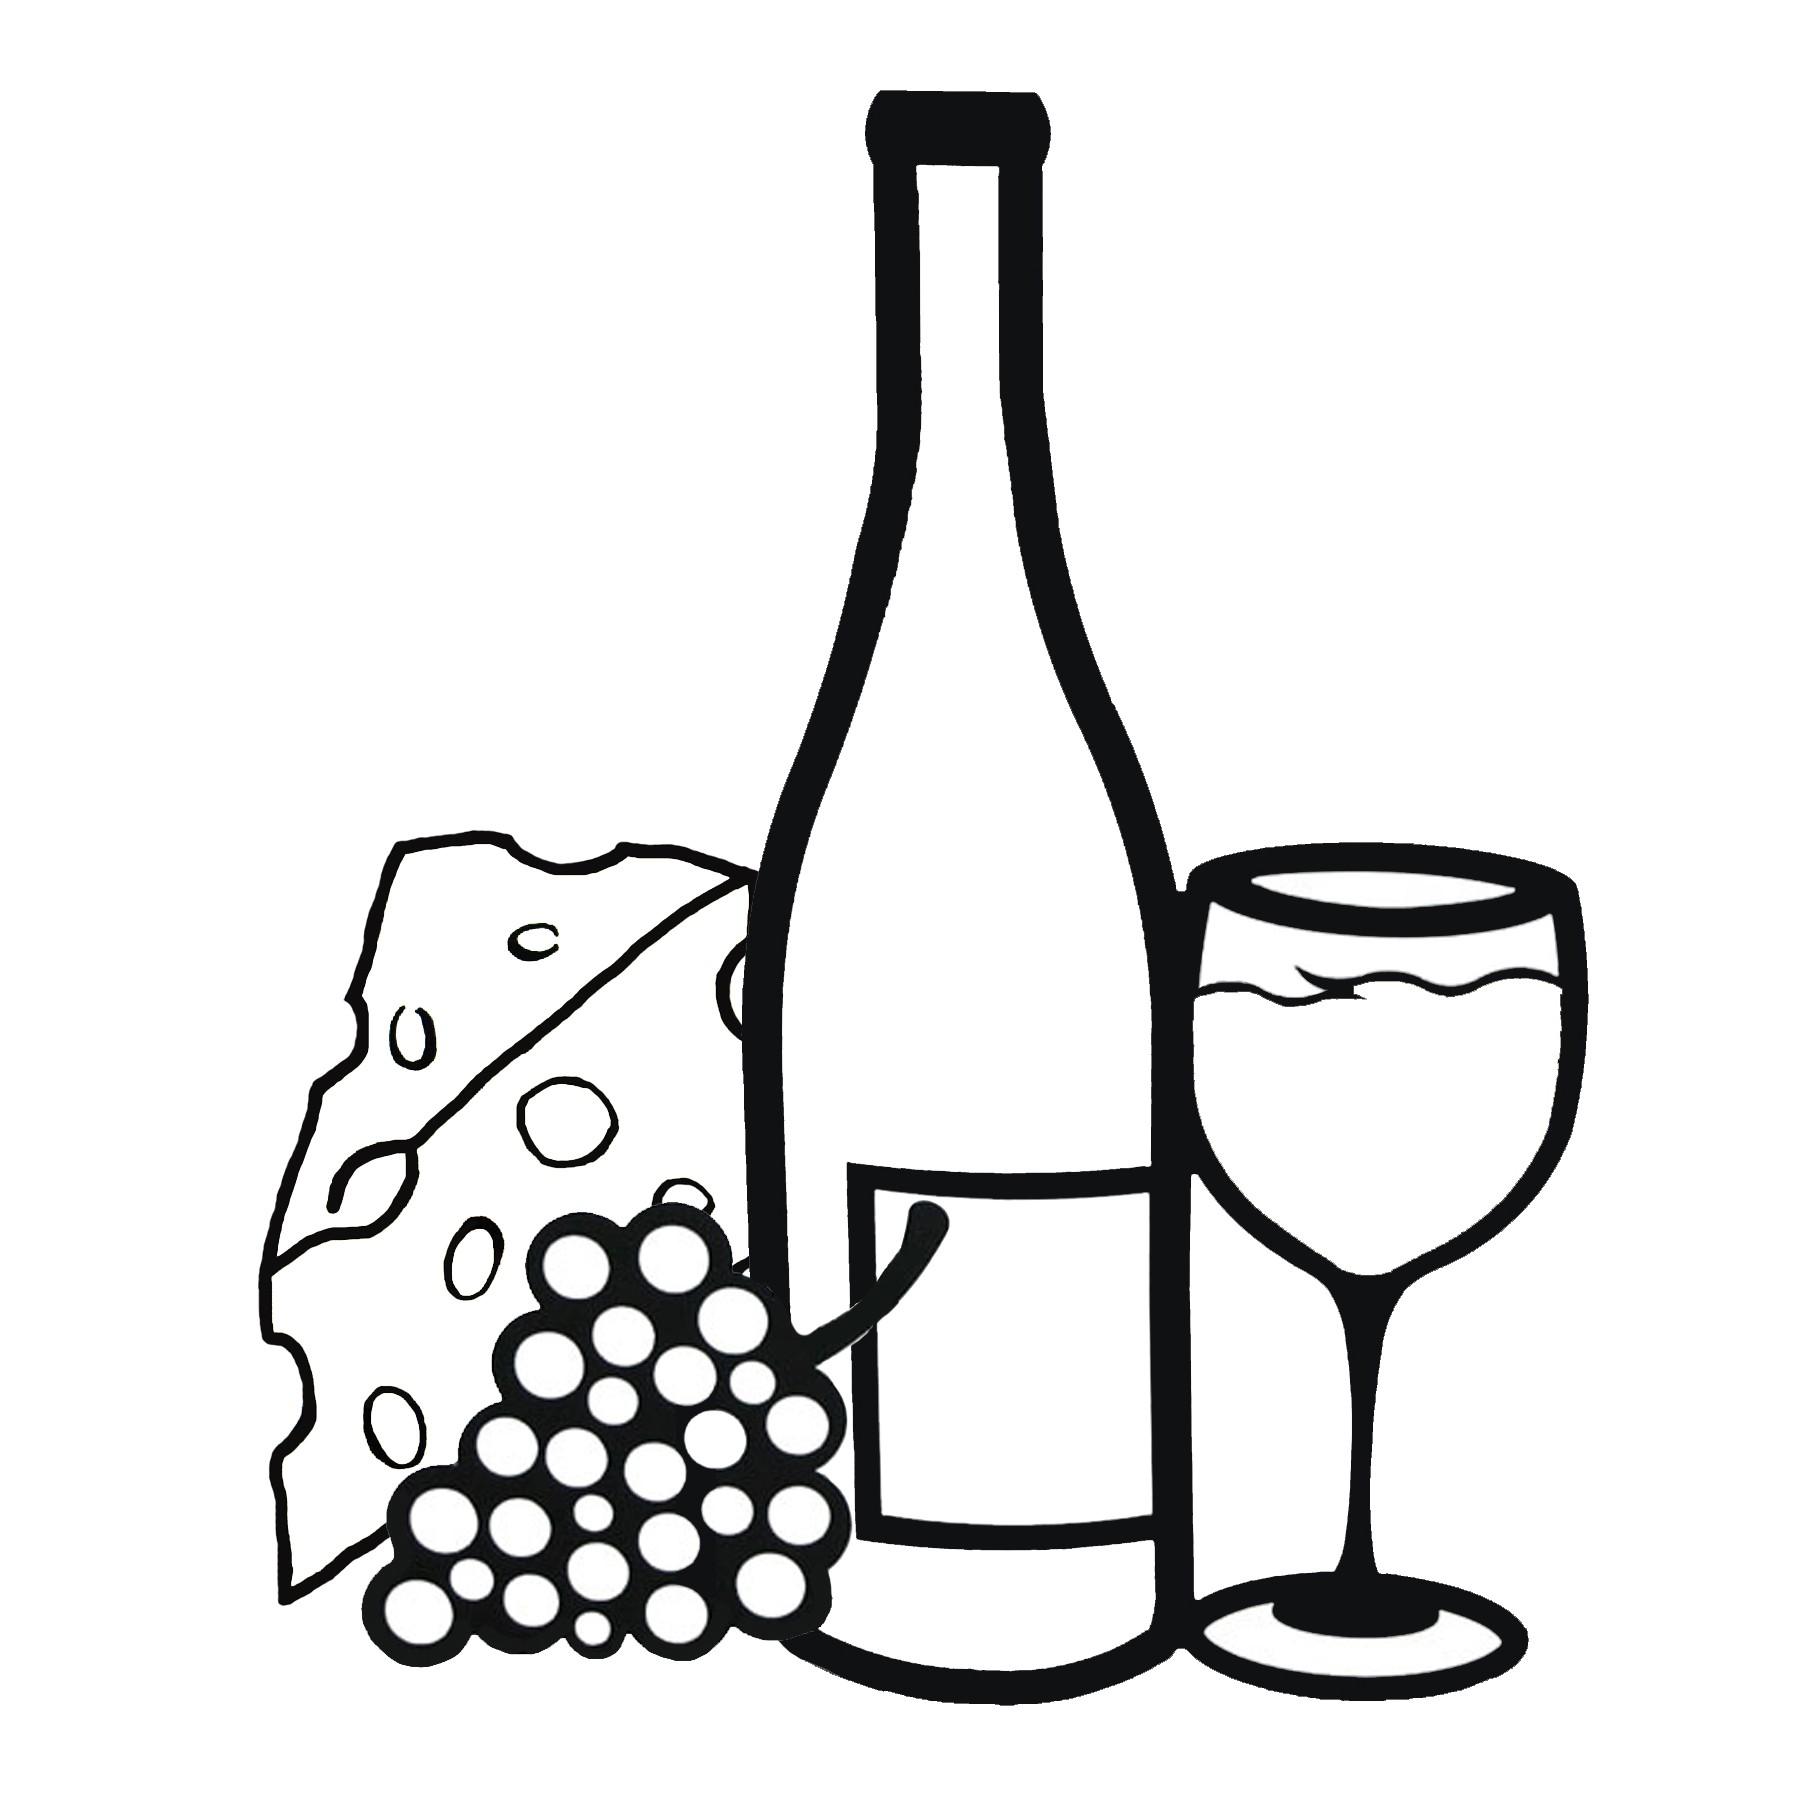 1800x1800 Wine Bottle Gallery For Clip Art Liquor Bottle Image